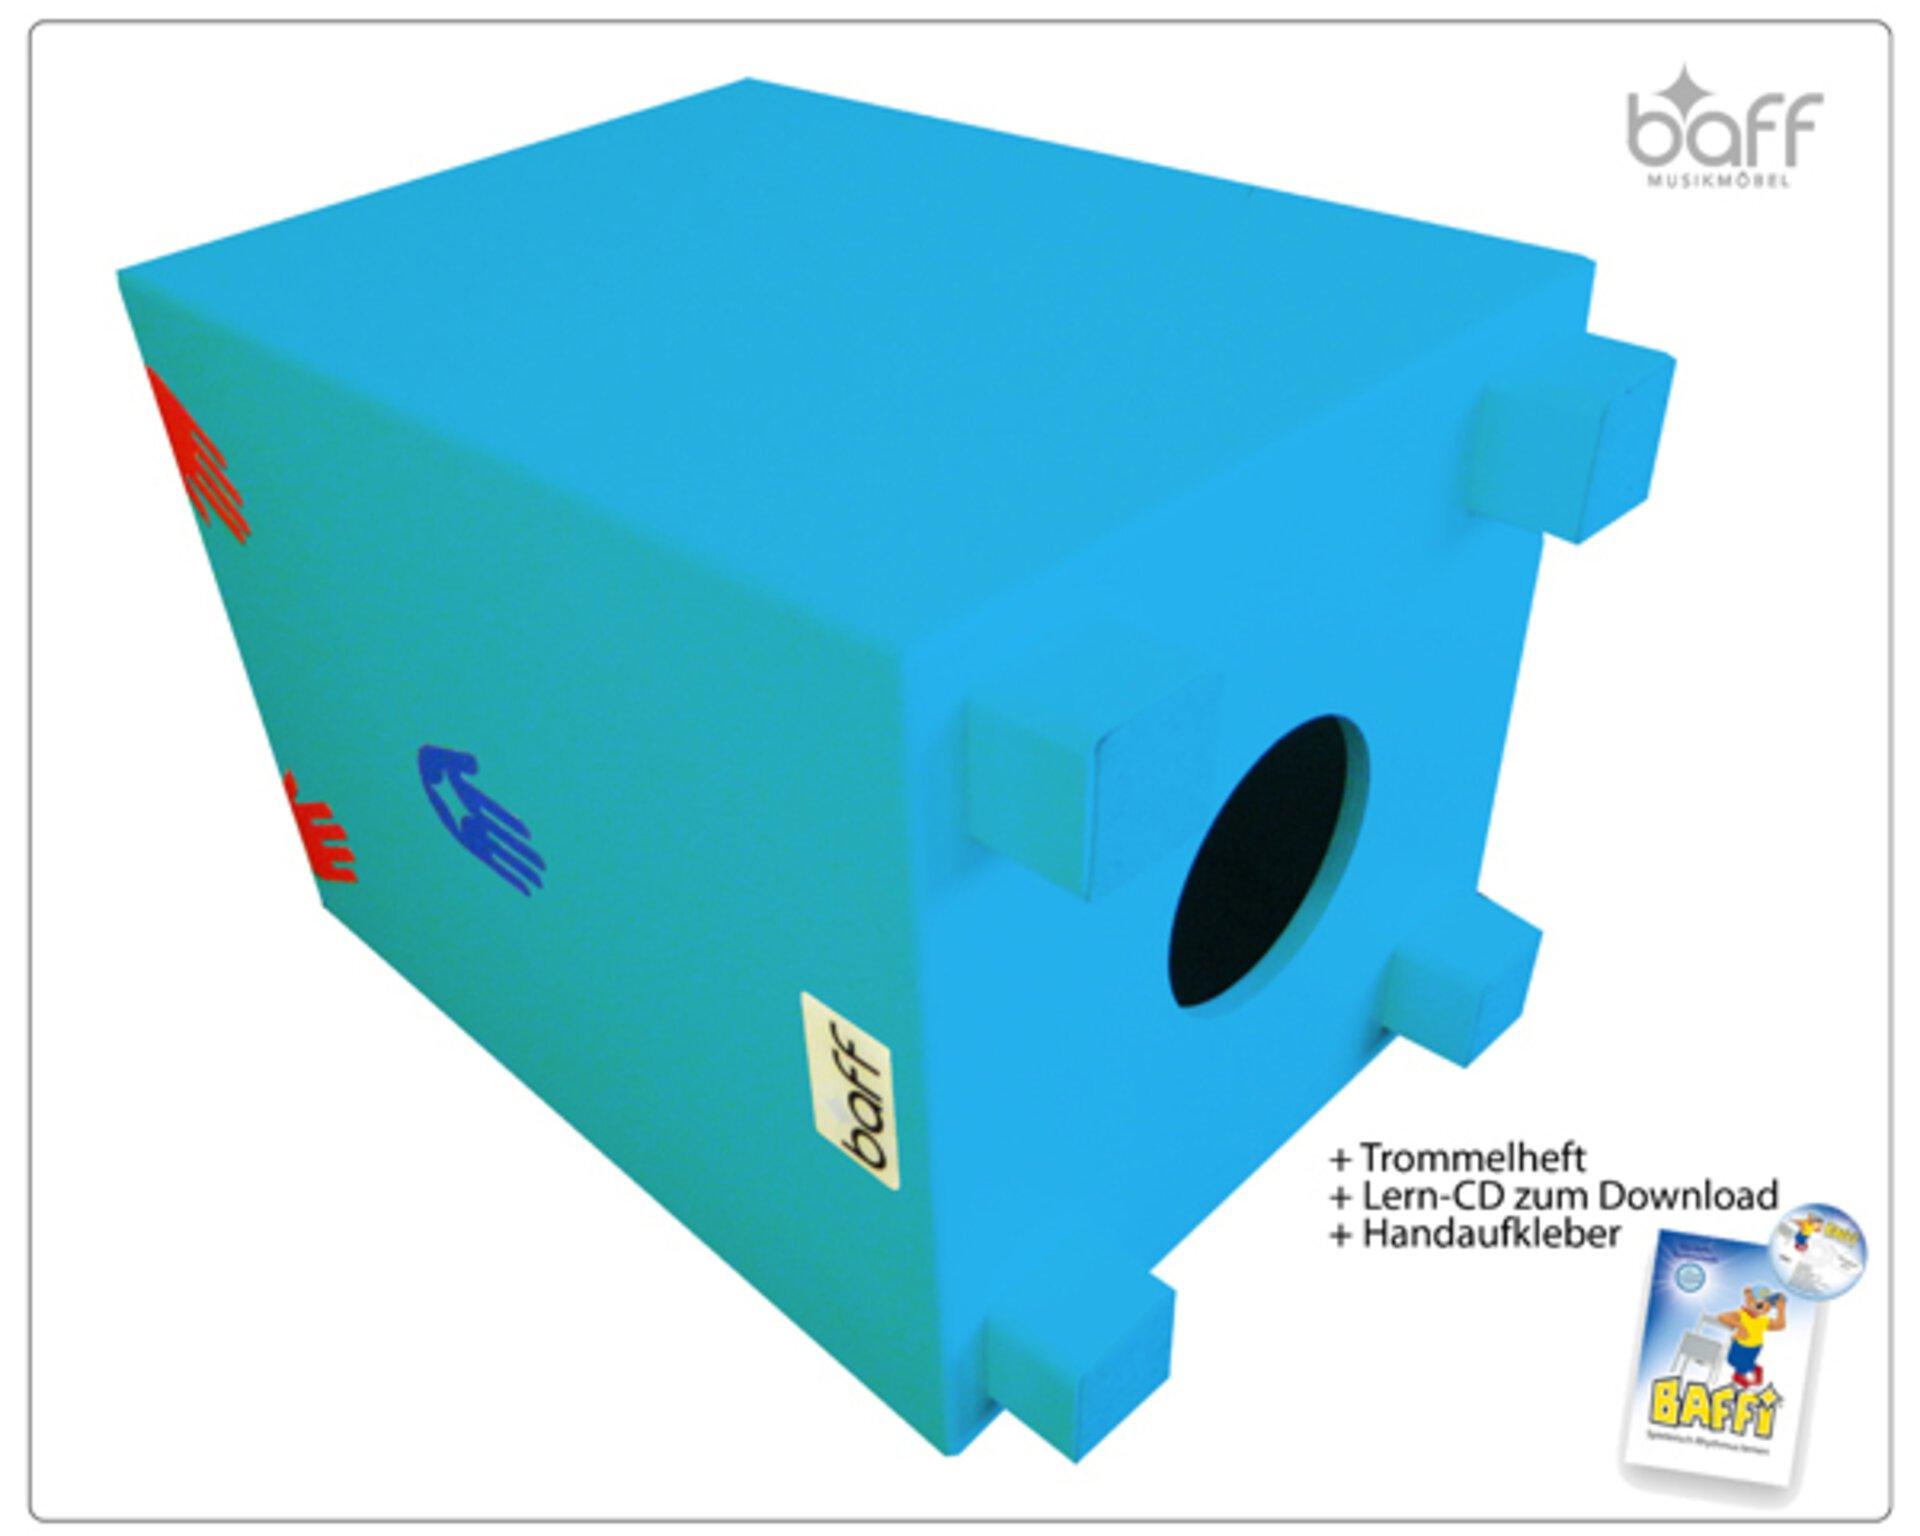 Hocker Baff Holz Blau 26 x 30 x 26 cm